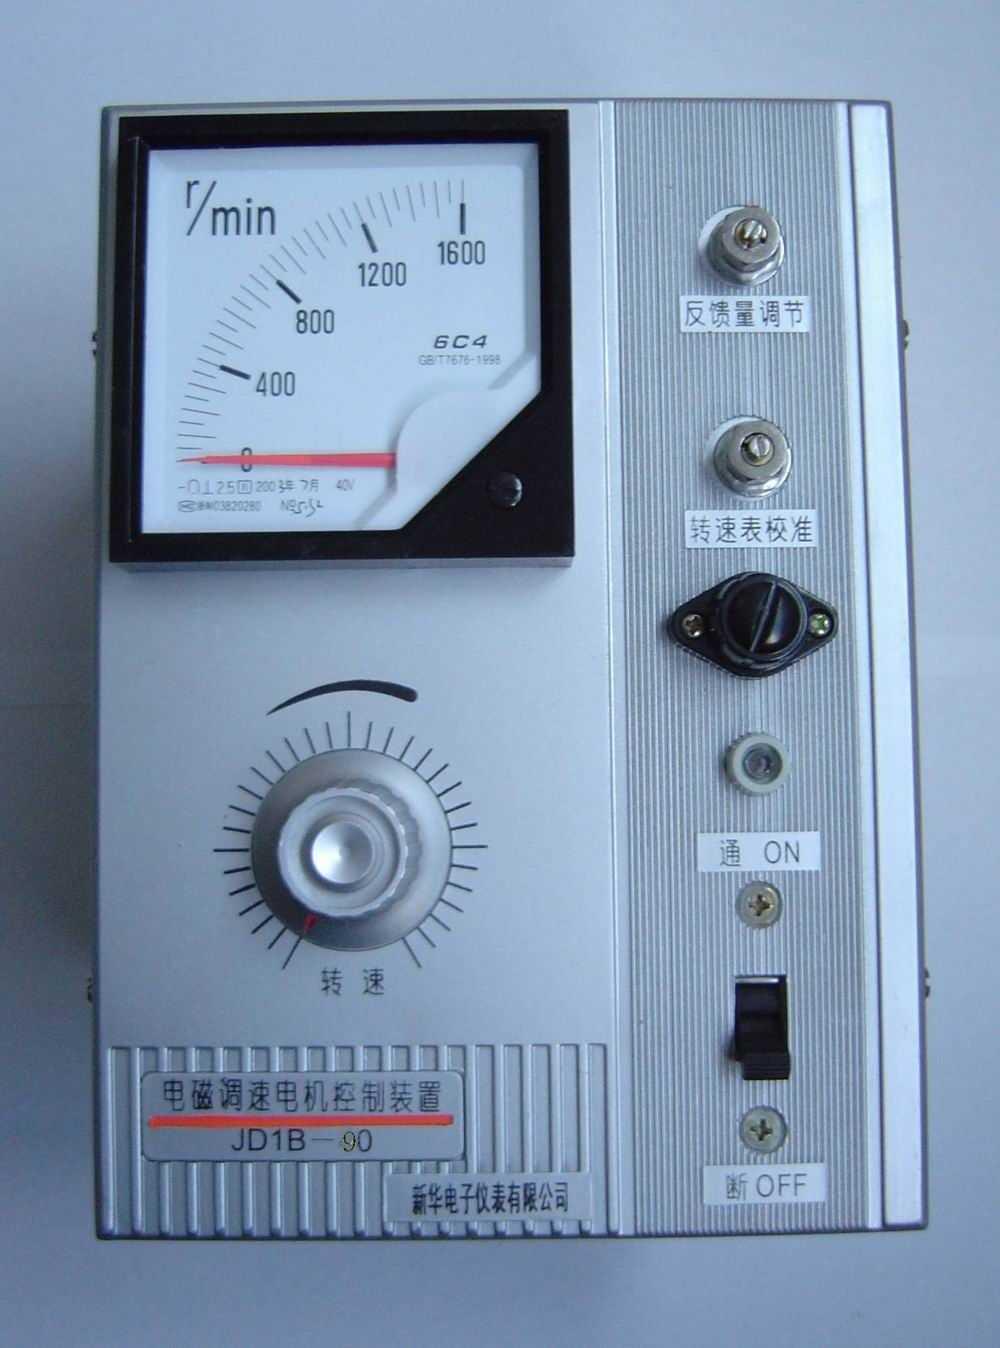 jd1b-90电磁调速电机控制装置接触器用电阻